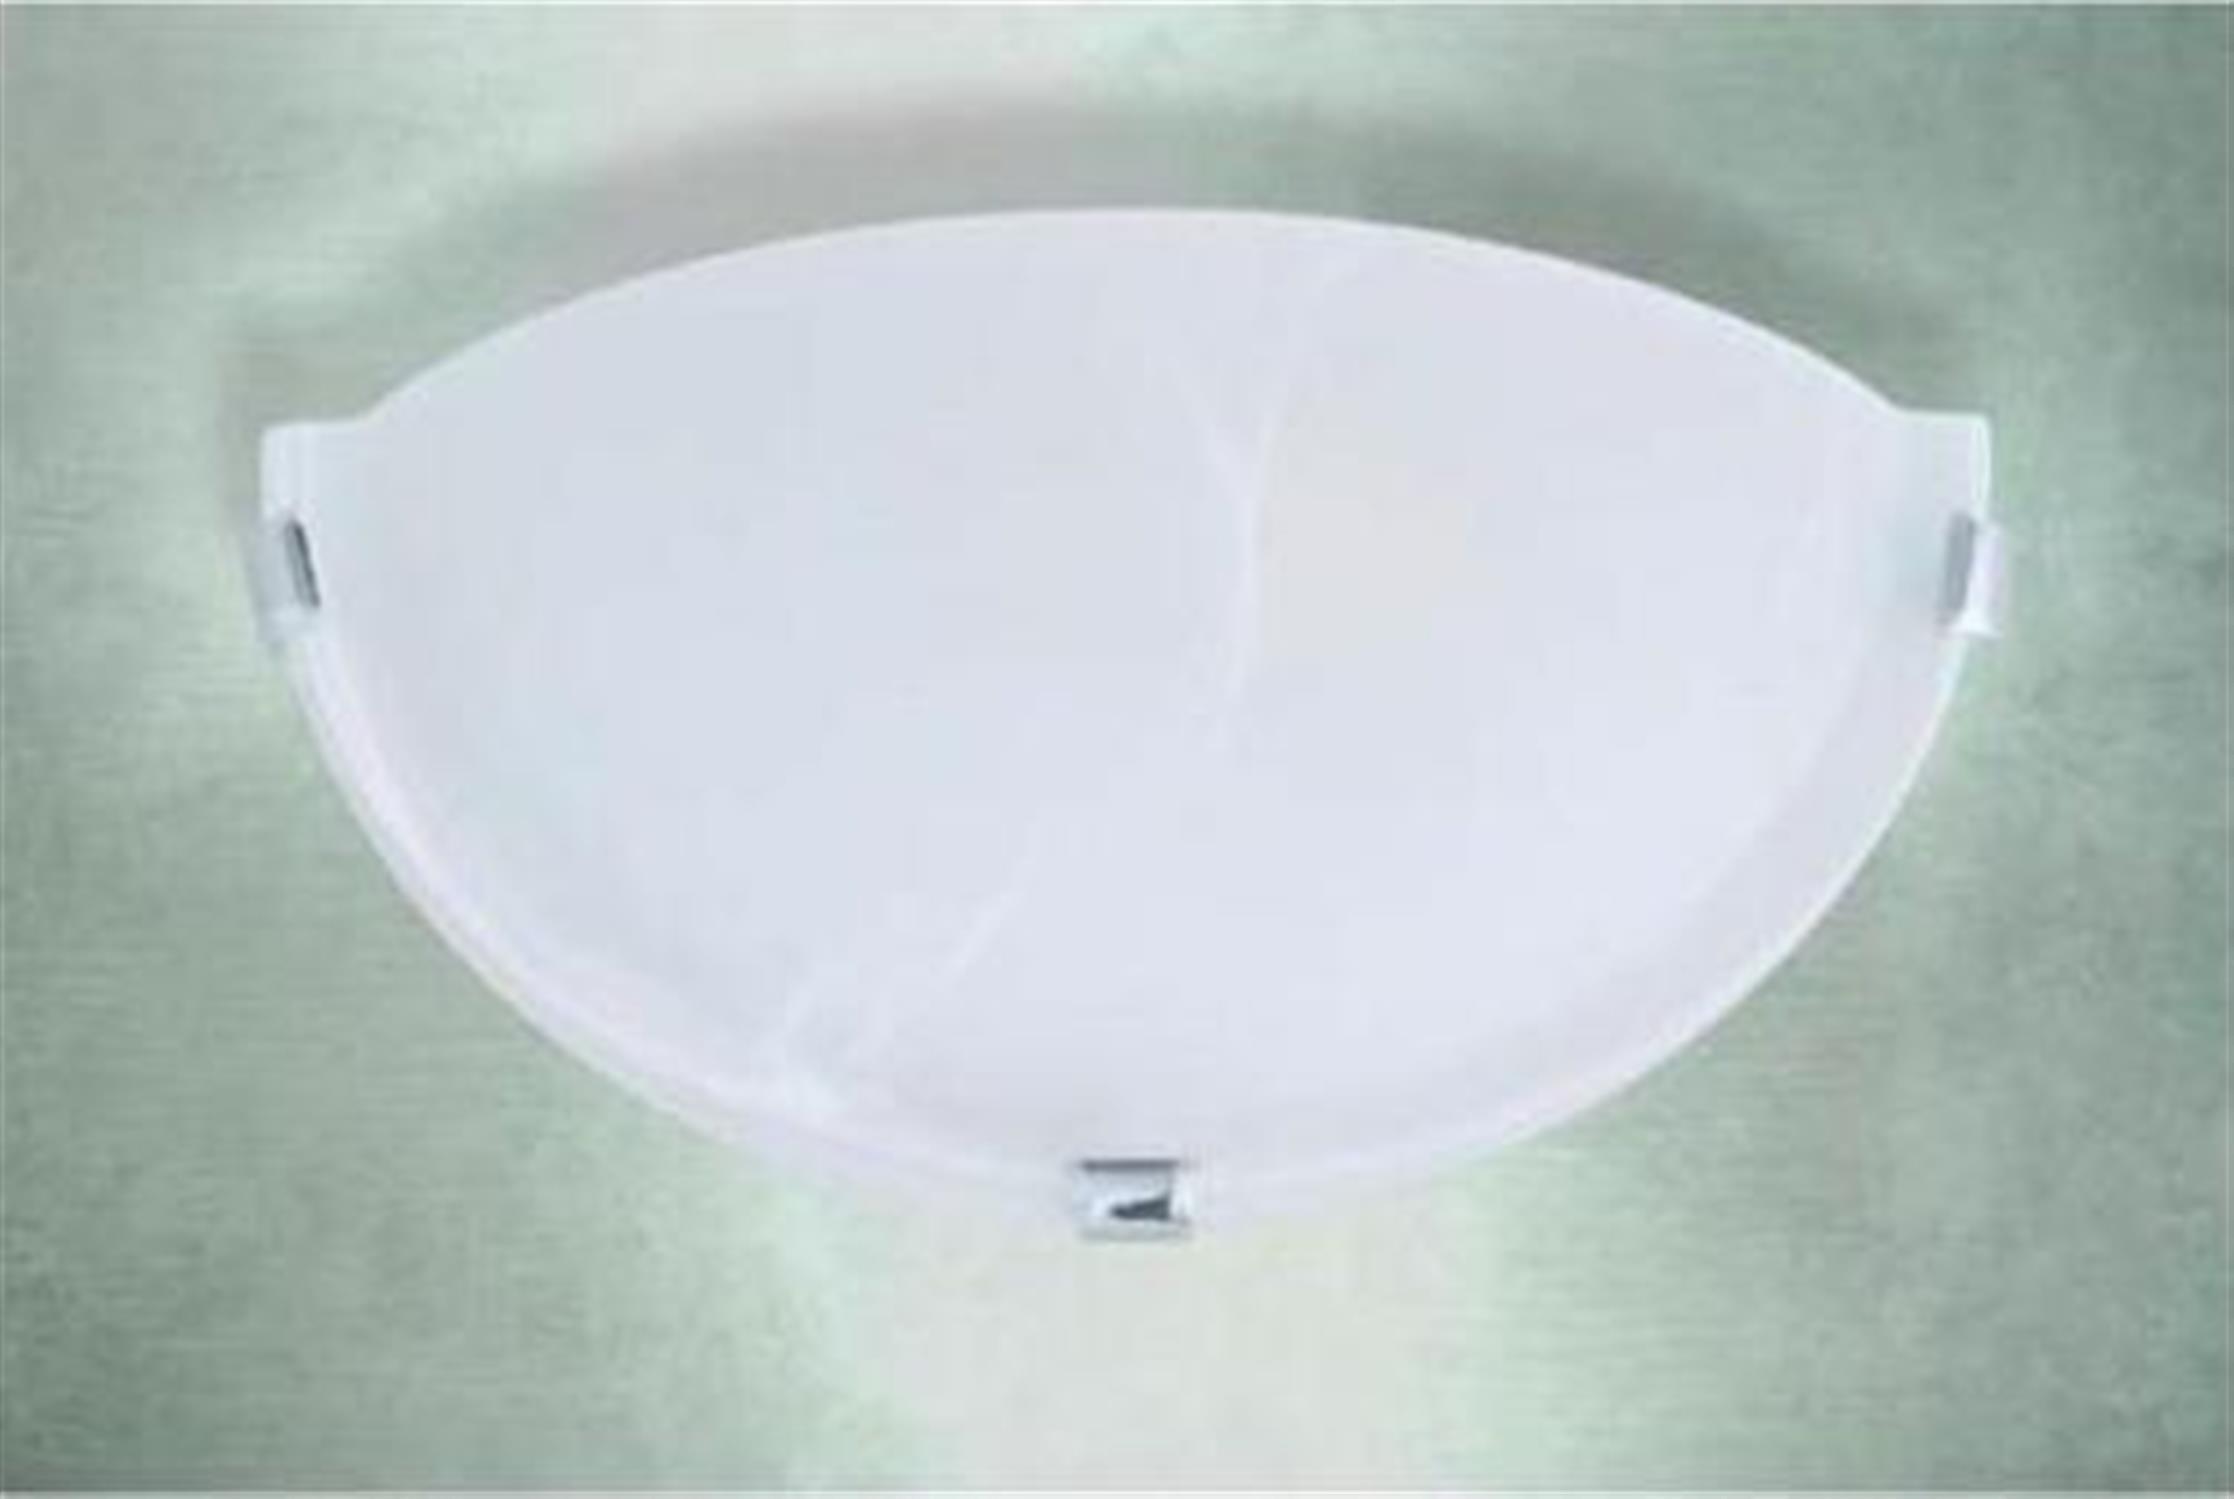 Πλαφονιέρα μονόφωτη από γυαλί μουράνο λευκό γαντζάκι χρωμίου Lara 30x12cm Home Lighting 77-2101